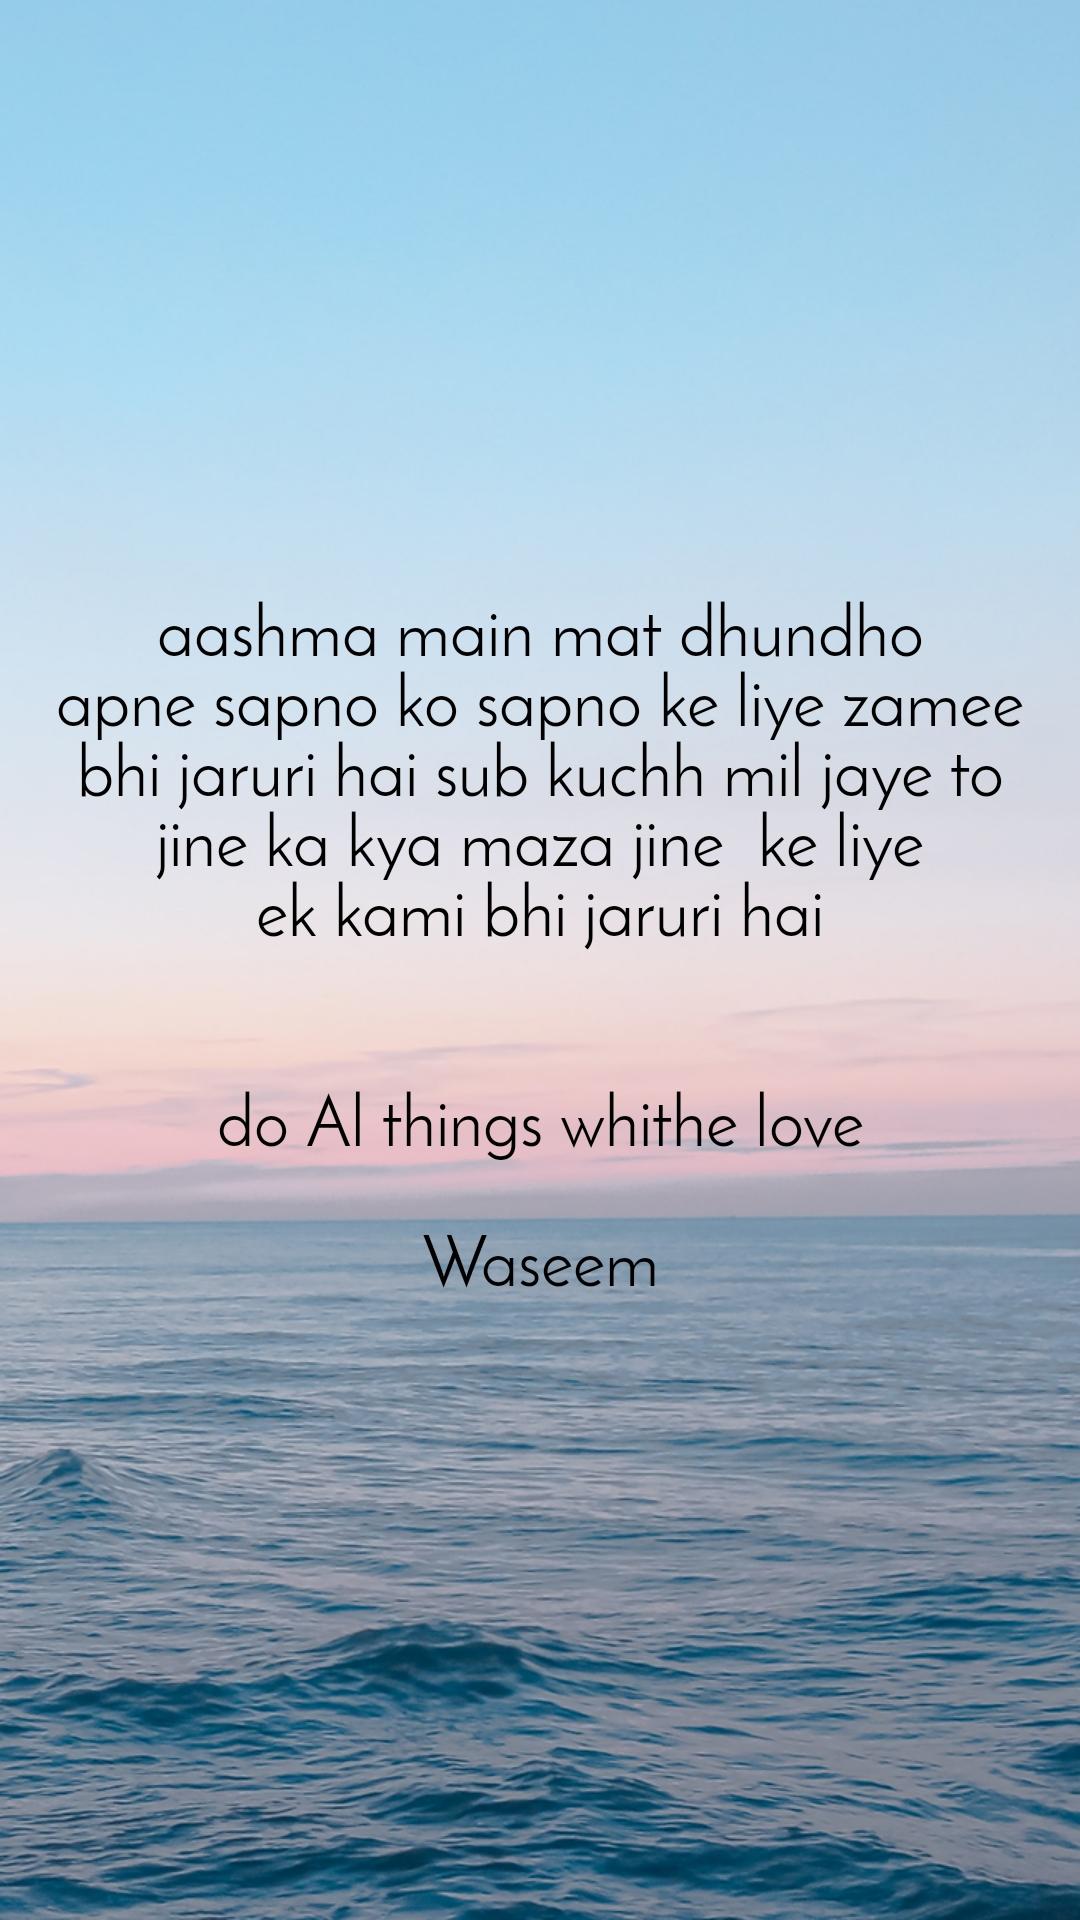 aashma main mat dhundho apne sapno ko sapno ke liye zamee bhi jaruri hai sub kuchh mil jaye to jine ka kya maza jine  ke liye ek kami bhi jaruri hai   do Al things whithe love  Waseem